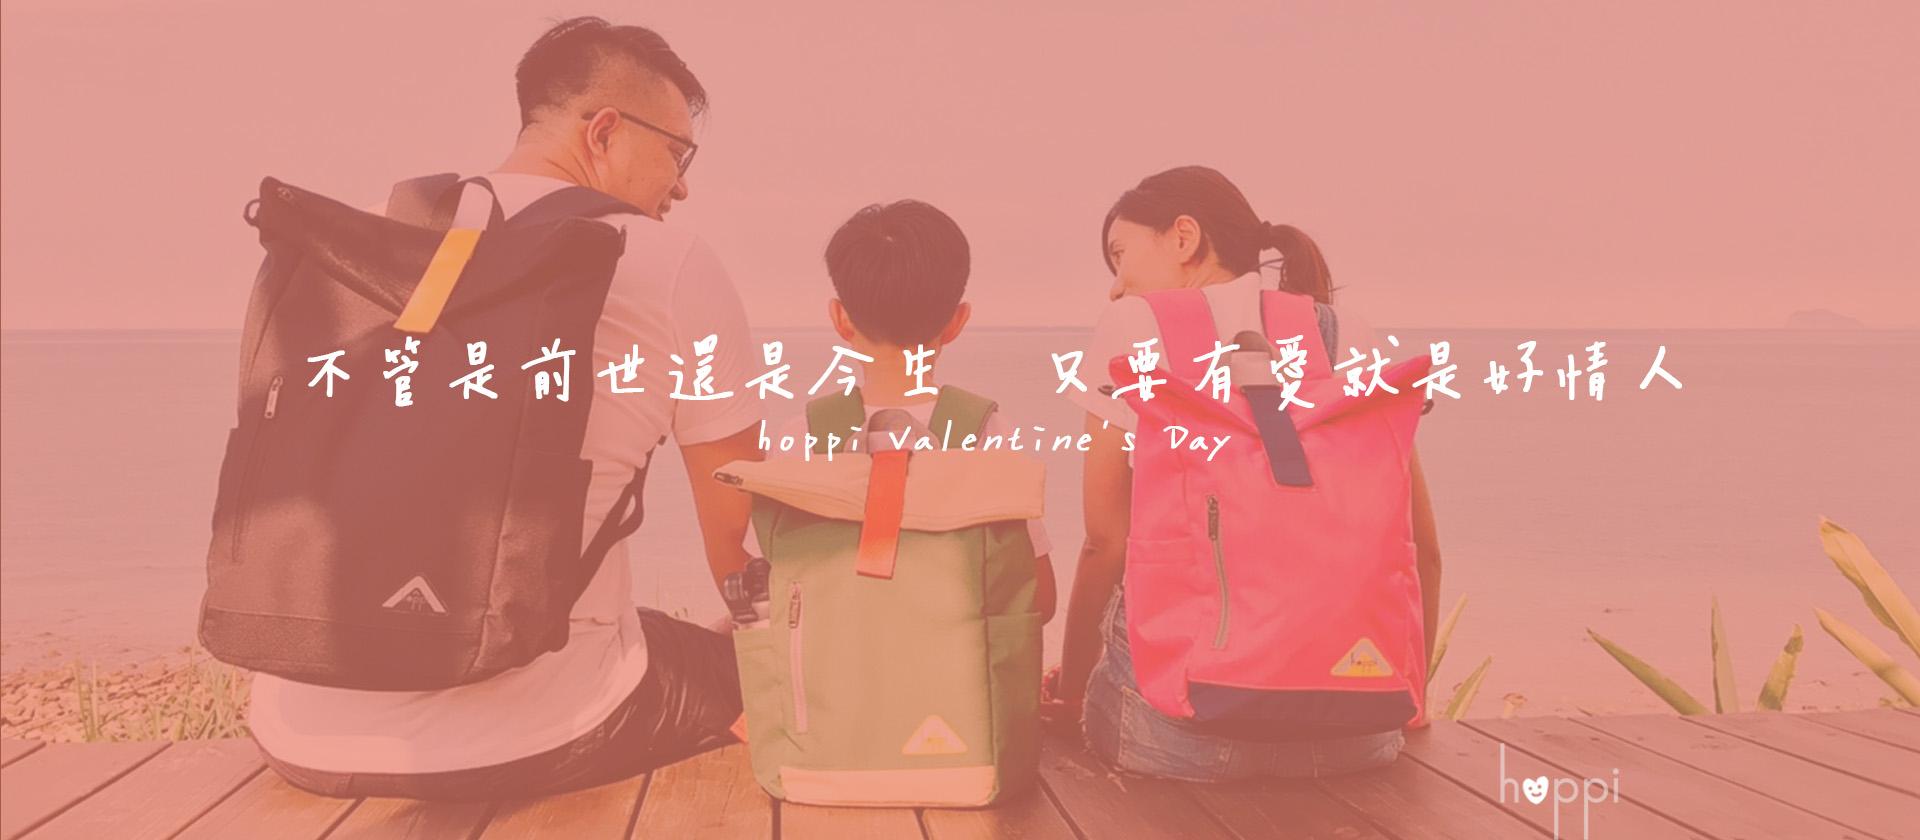 hoppi, hoppiday, backpack, family, explore, valentine, love, 情人節, 背包